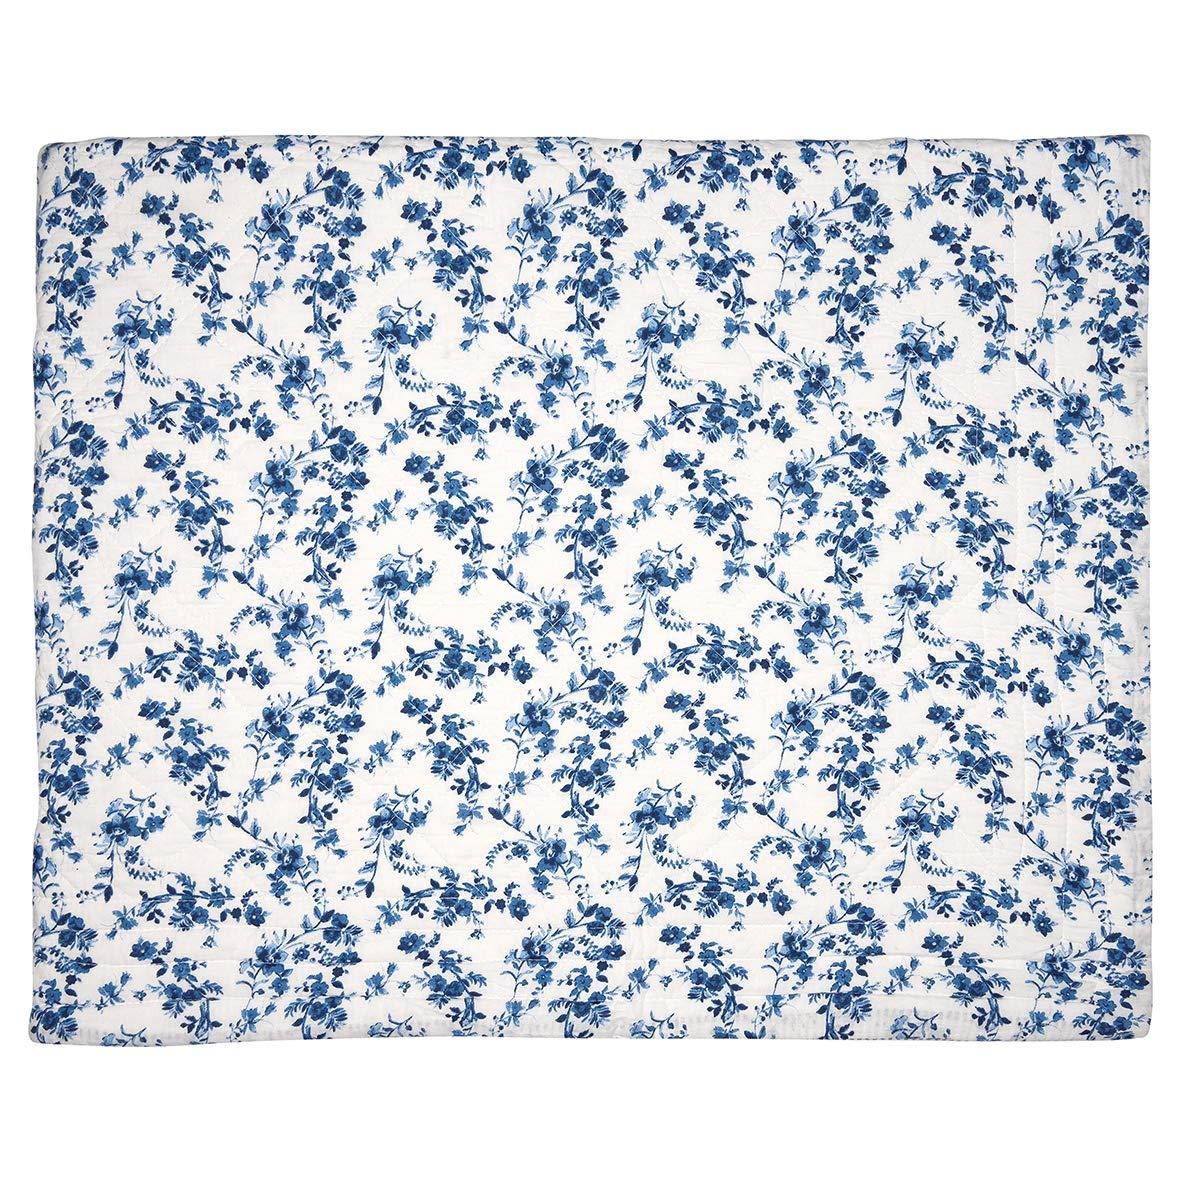 GrünGate QUIBED140VAN2502 Vanessa Tagesdecke Blau 140 x 220 cm (1 Stück)